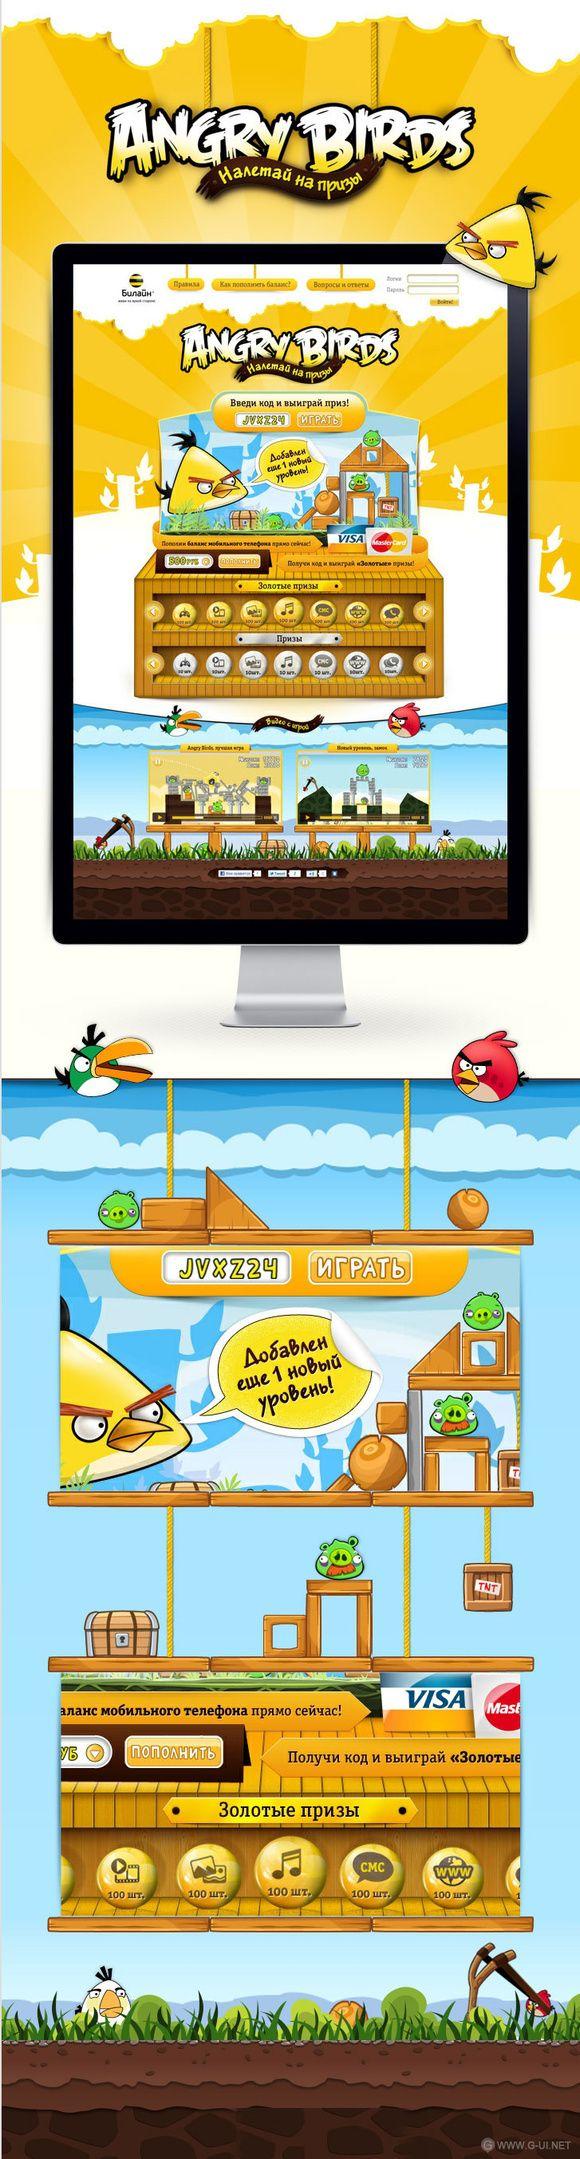 游戏Angry birds页面欣赏 | ...